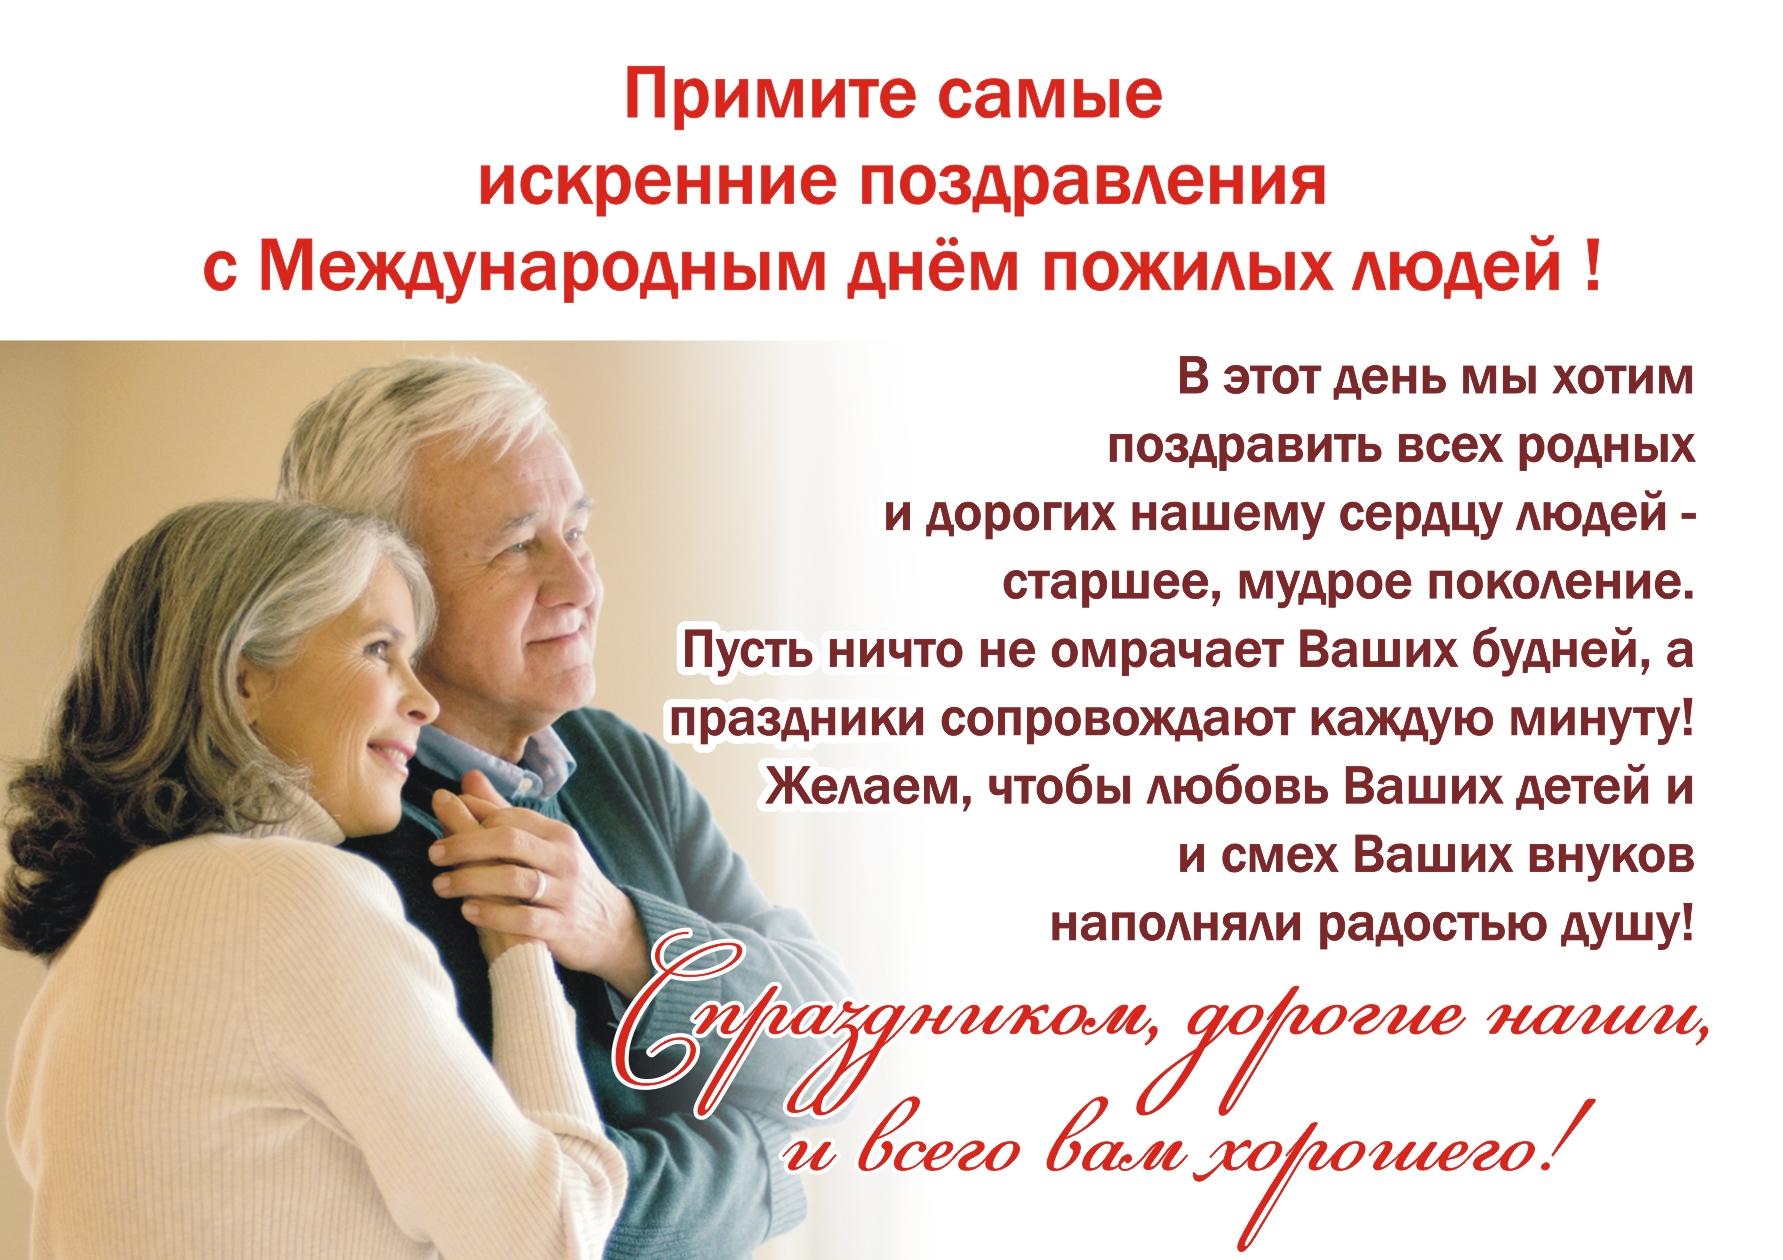 С днём пожилого человека поздравления в прозе